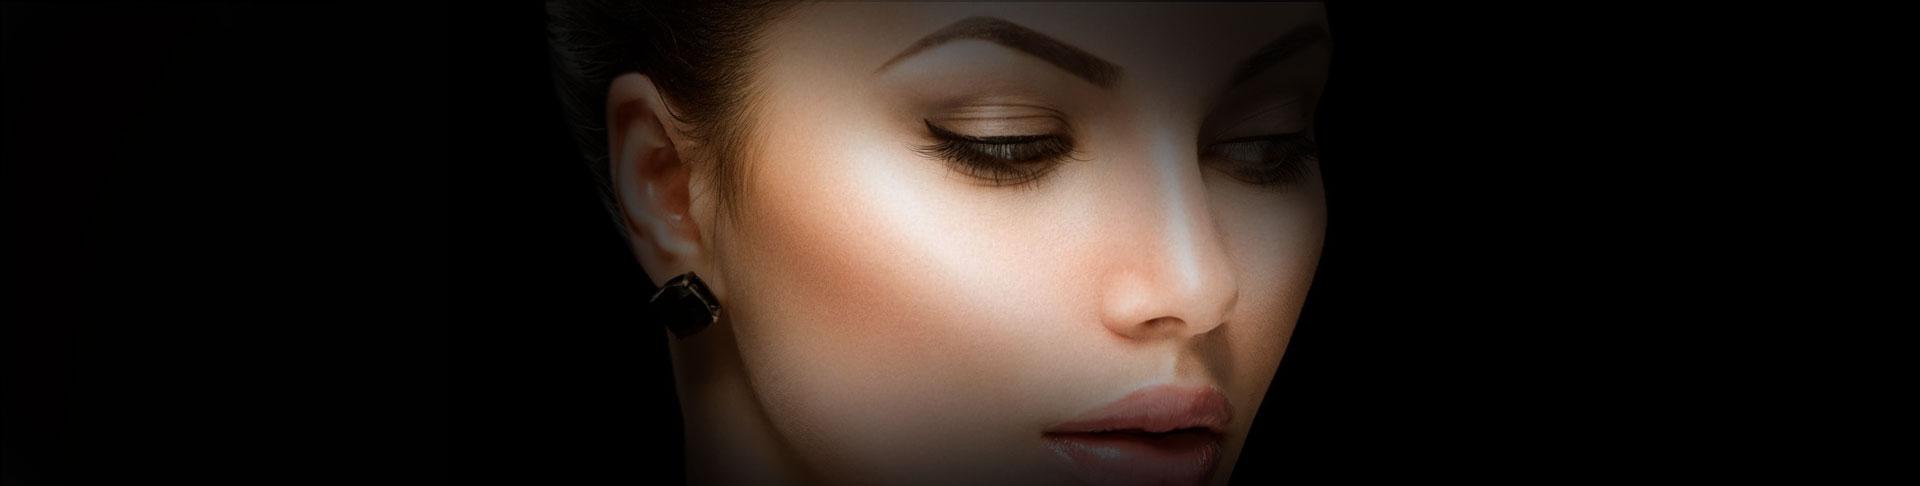 toxine butollique visage